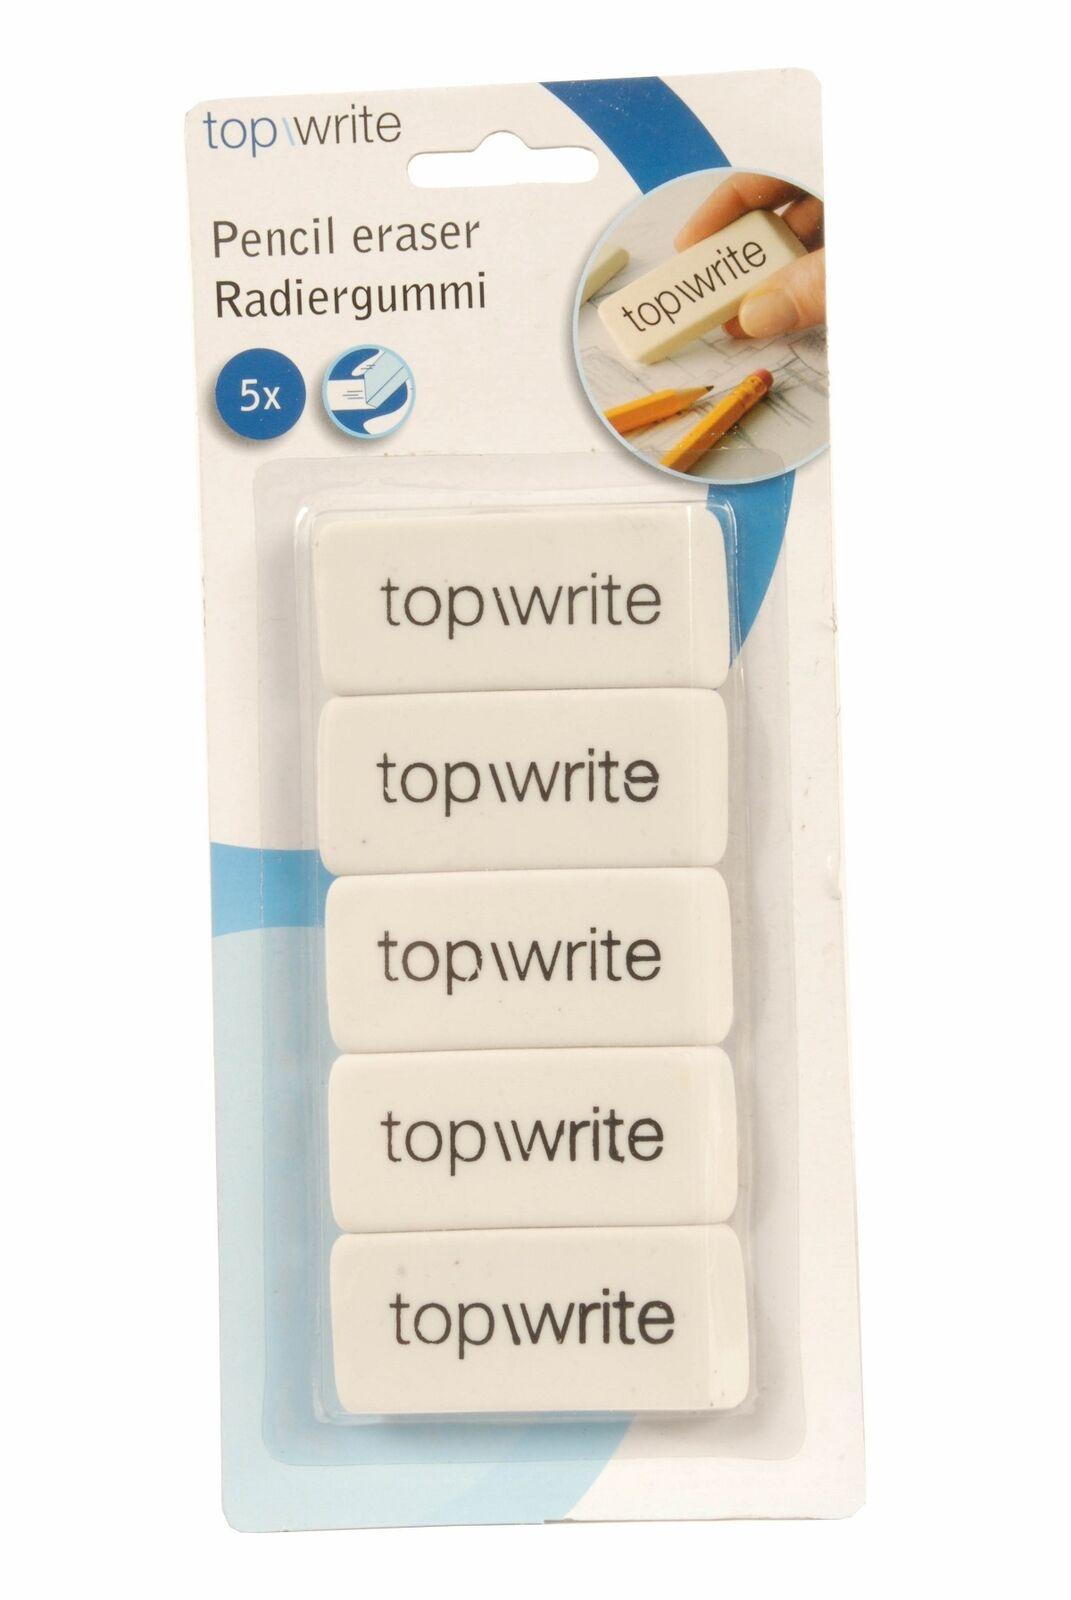 ED370 - Gomma per cancellare Topwrite - Confezione 5 pezzi